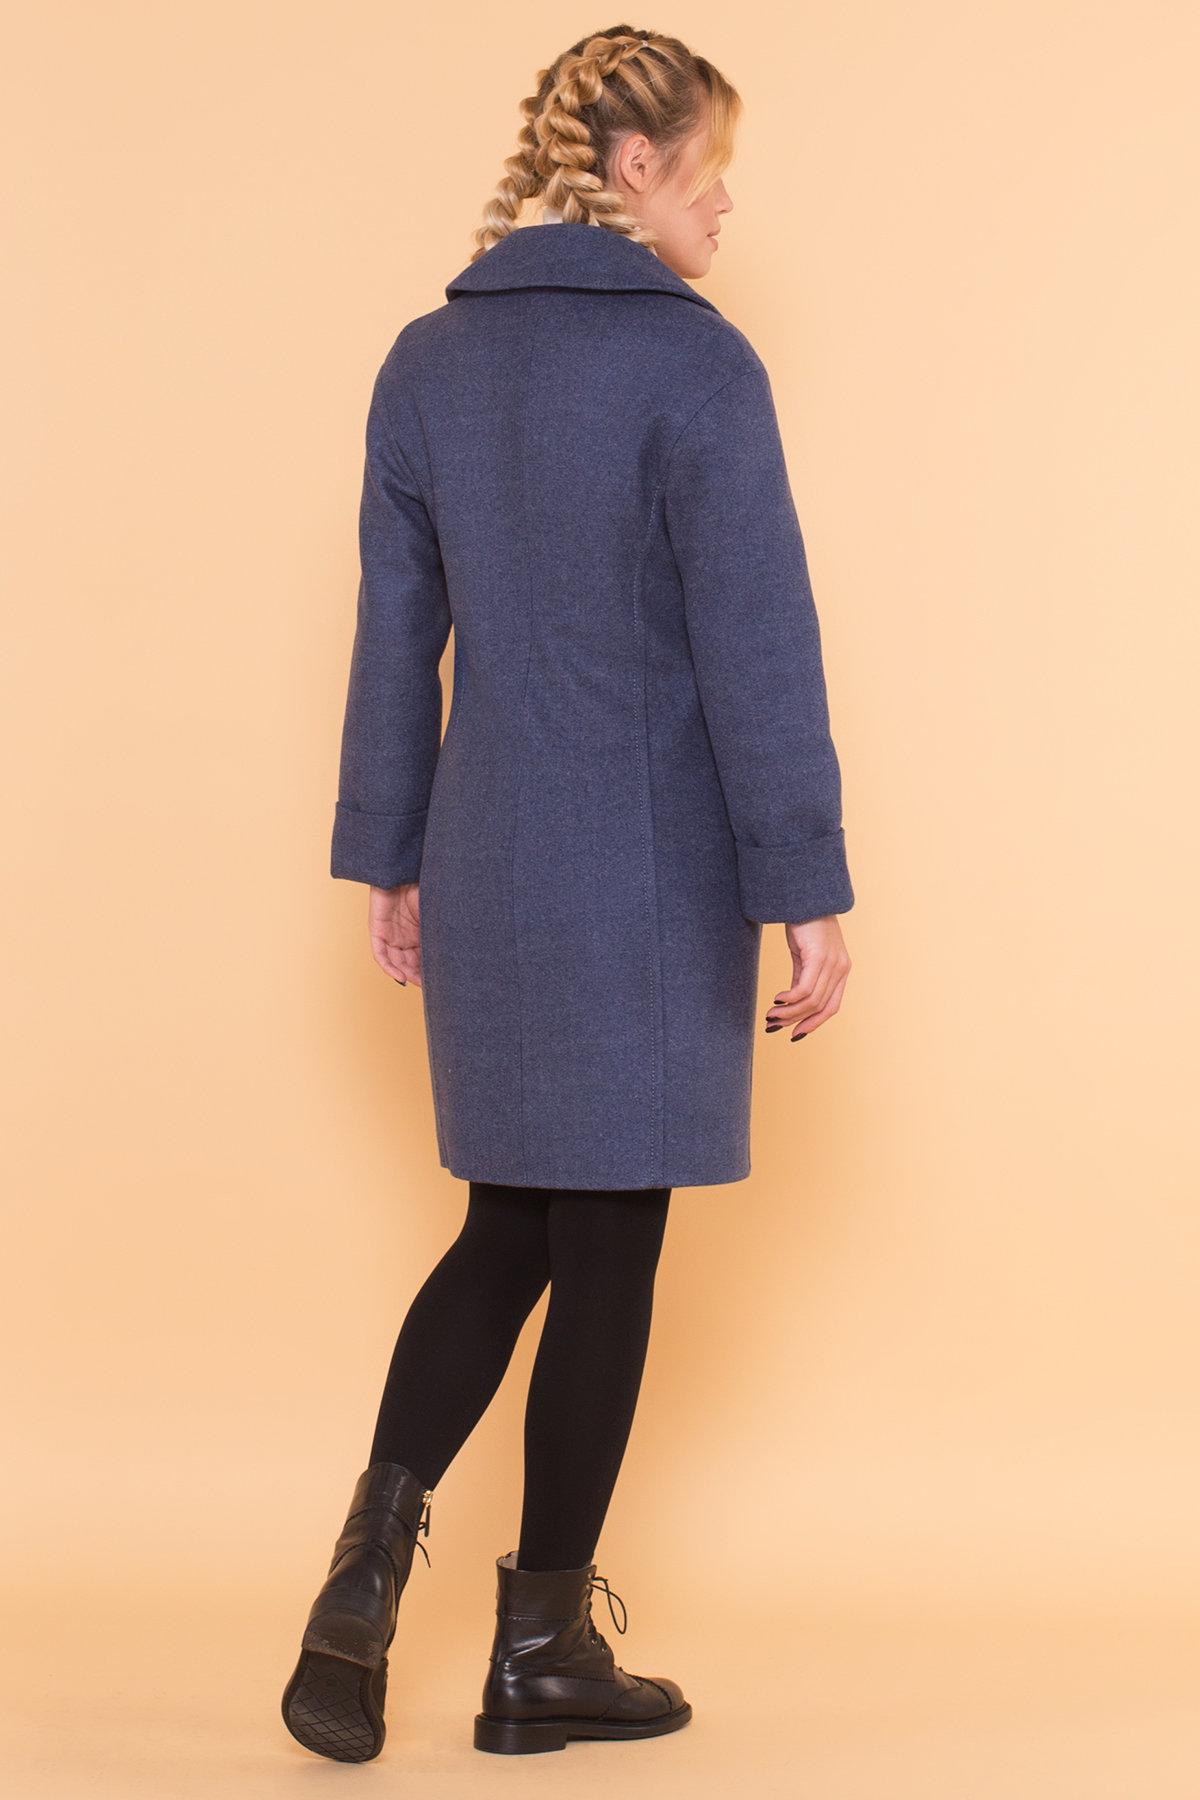 Классическое однобортное пальто зима с отложным воротником Приора 5835 АРТ. 39410 Цвет: Джинс - фото 2, интернет магазин tm-modus.ru